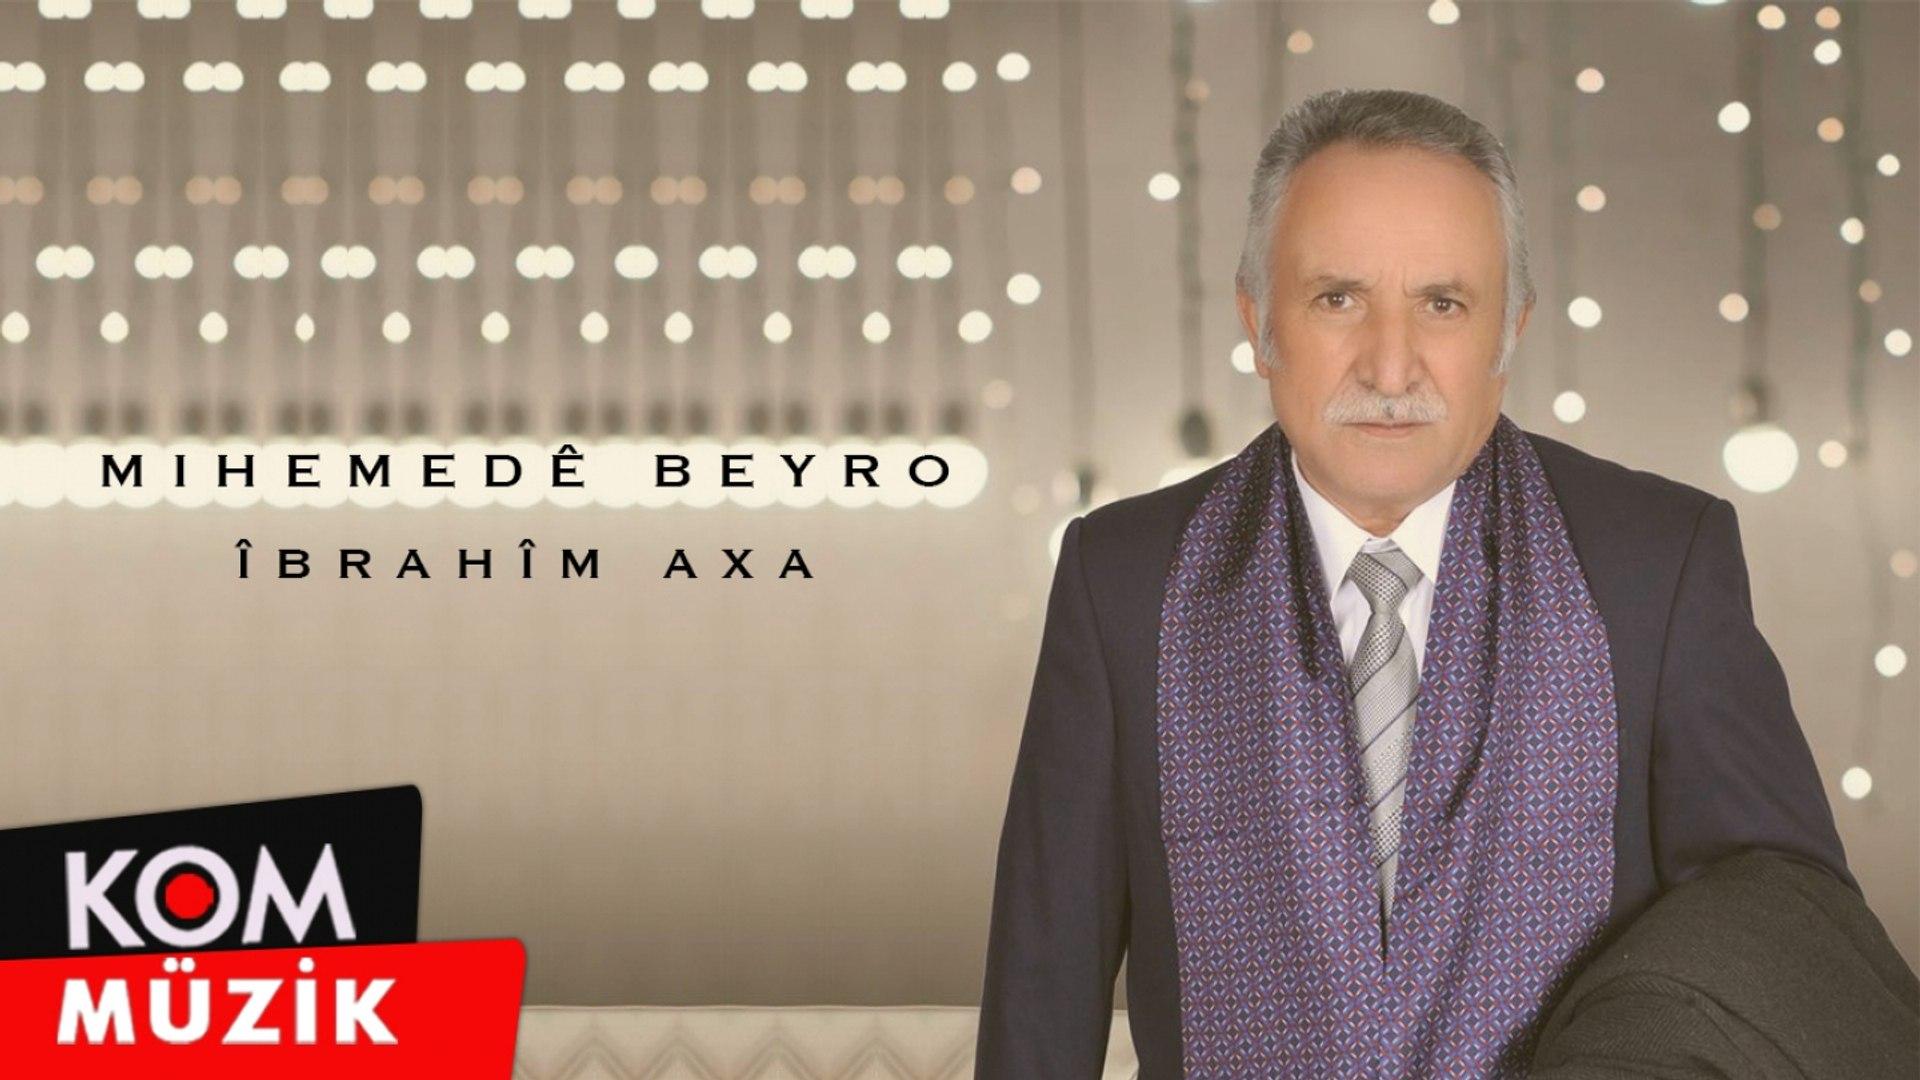 Mihemedê Beyro - Îbrahîm Axa (2020 © Kom Müzik)